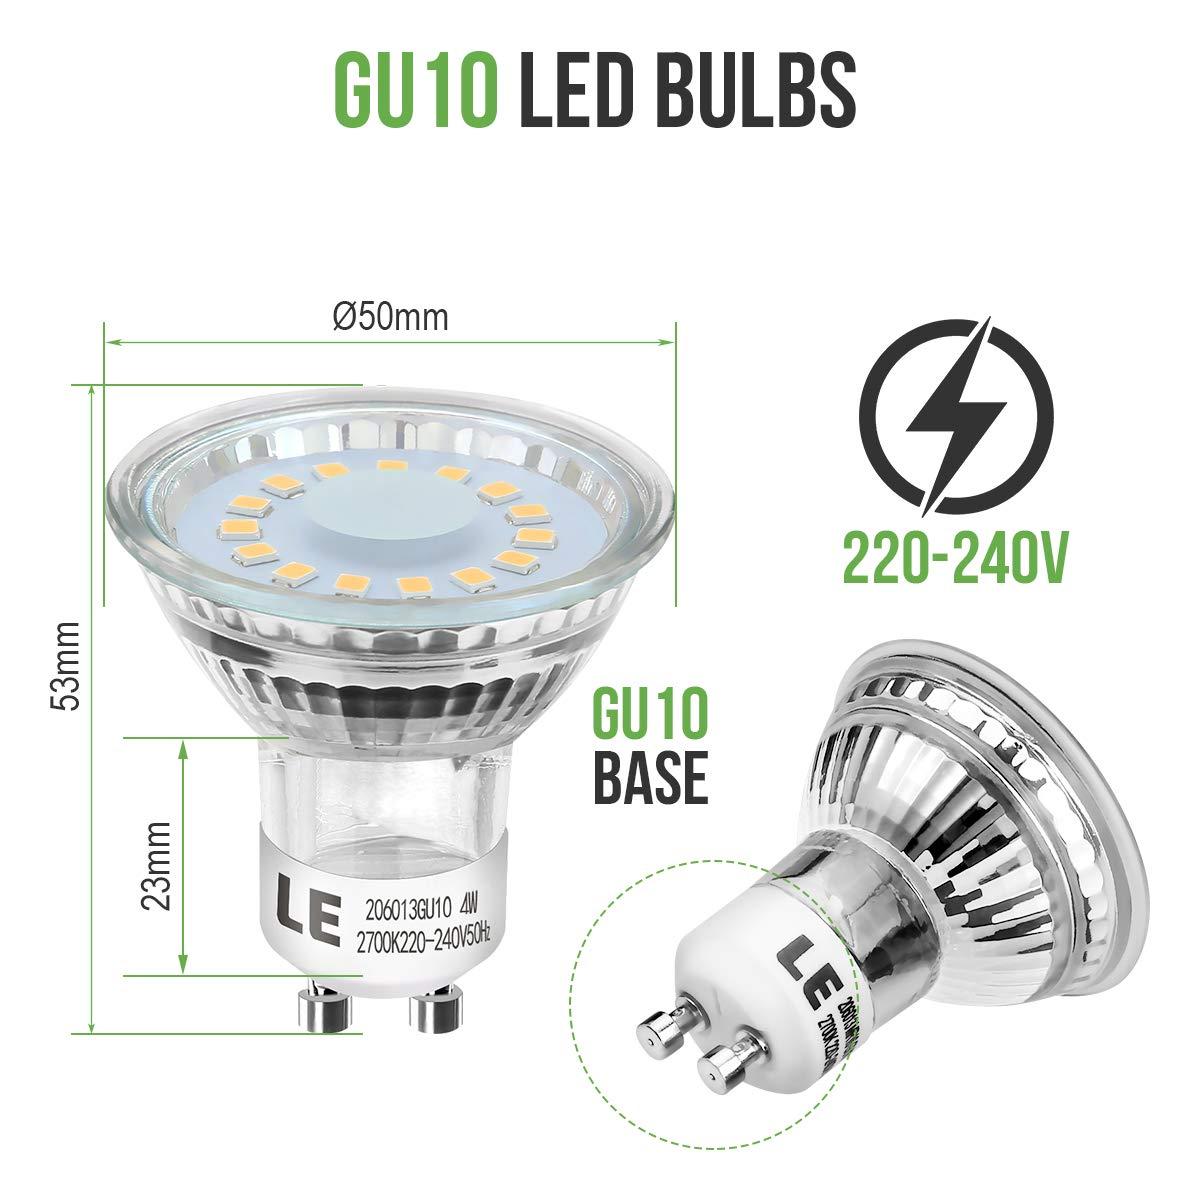 LE Bombillas LED, GU10 4W Equivalente 50W Halógena, Blanco cálido 2700K, Pack de 6: Amazon.es: Iluminación